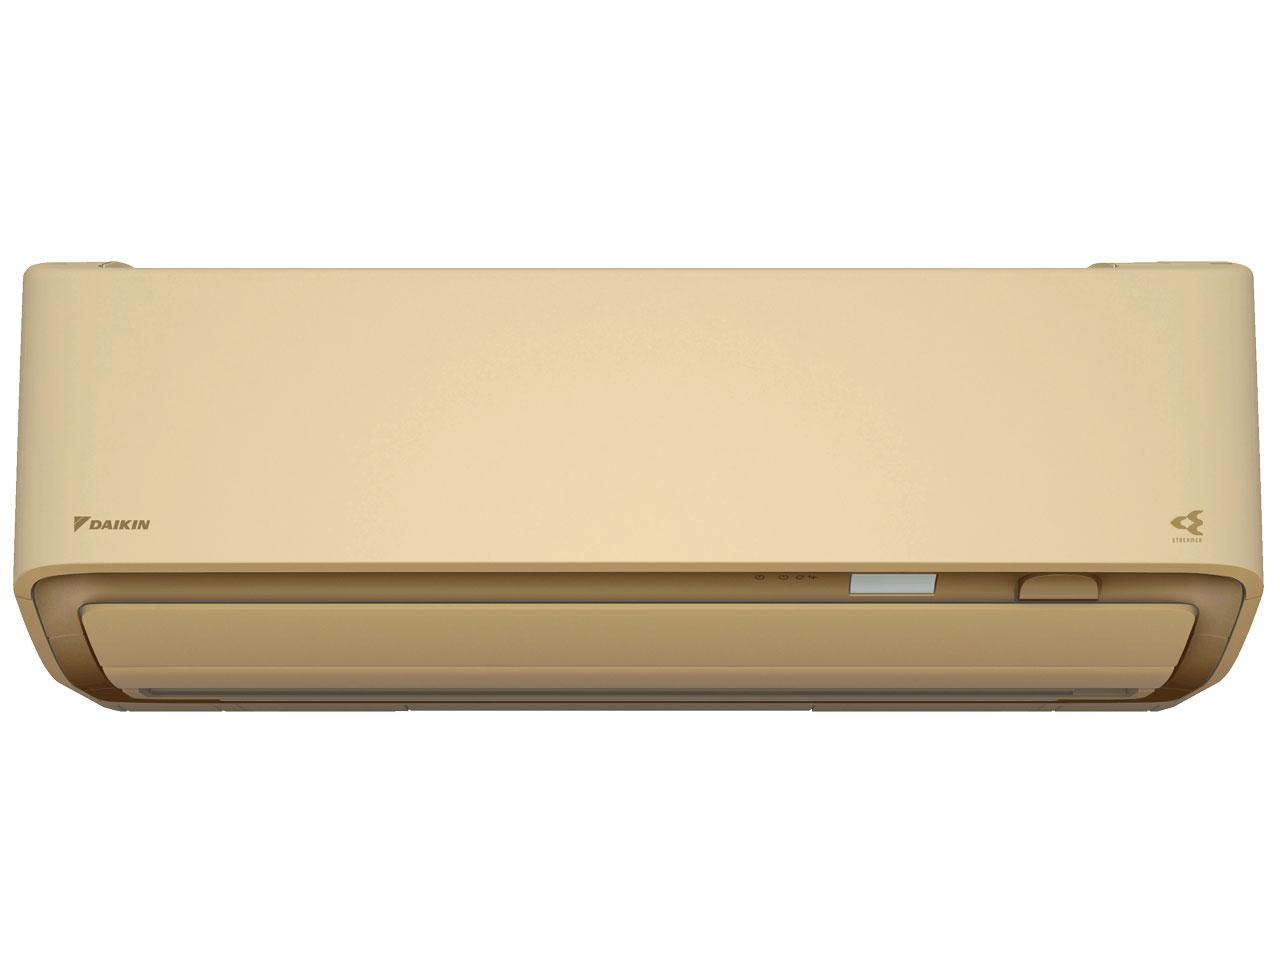 ダイキン 19年モデル DXシリーズ S40WTDXP-C 【200V用】14畳用冷暖房除湿エアコン